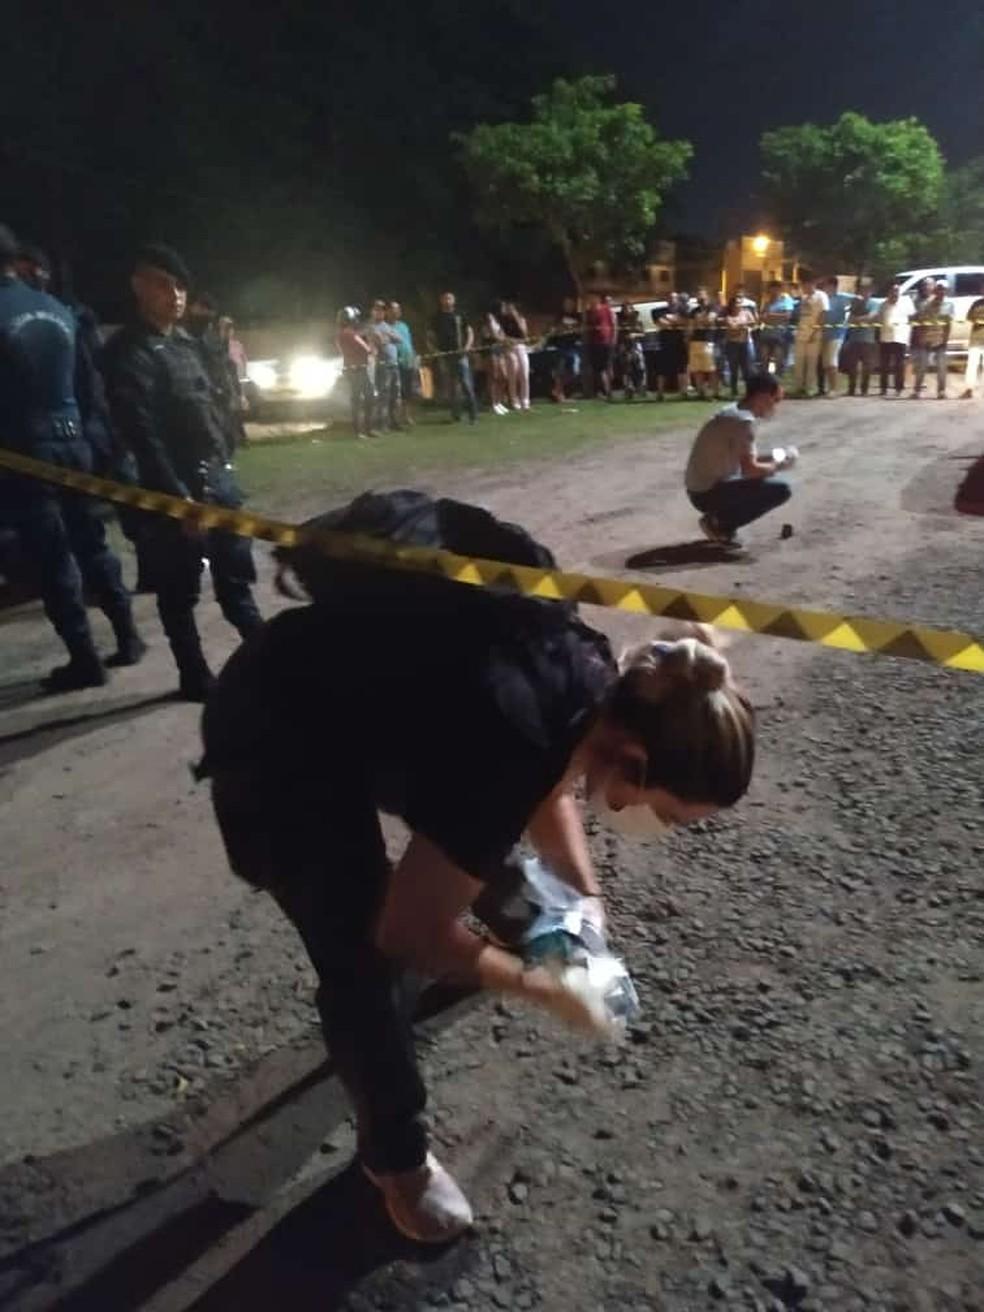 Peritos no local do crime. — Foto: Polícia Civil/Divulgação